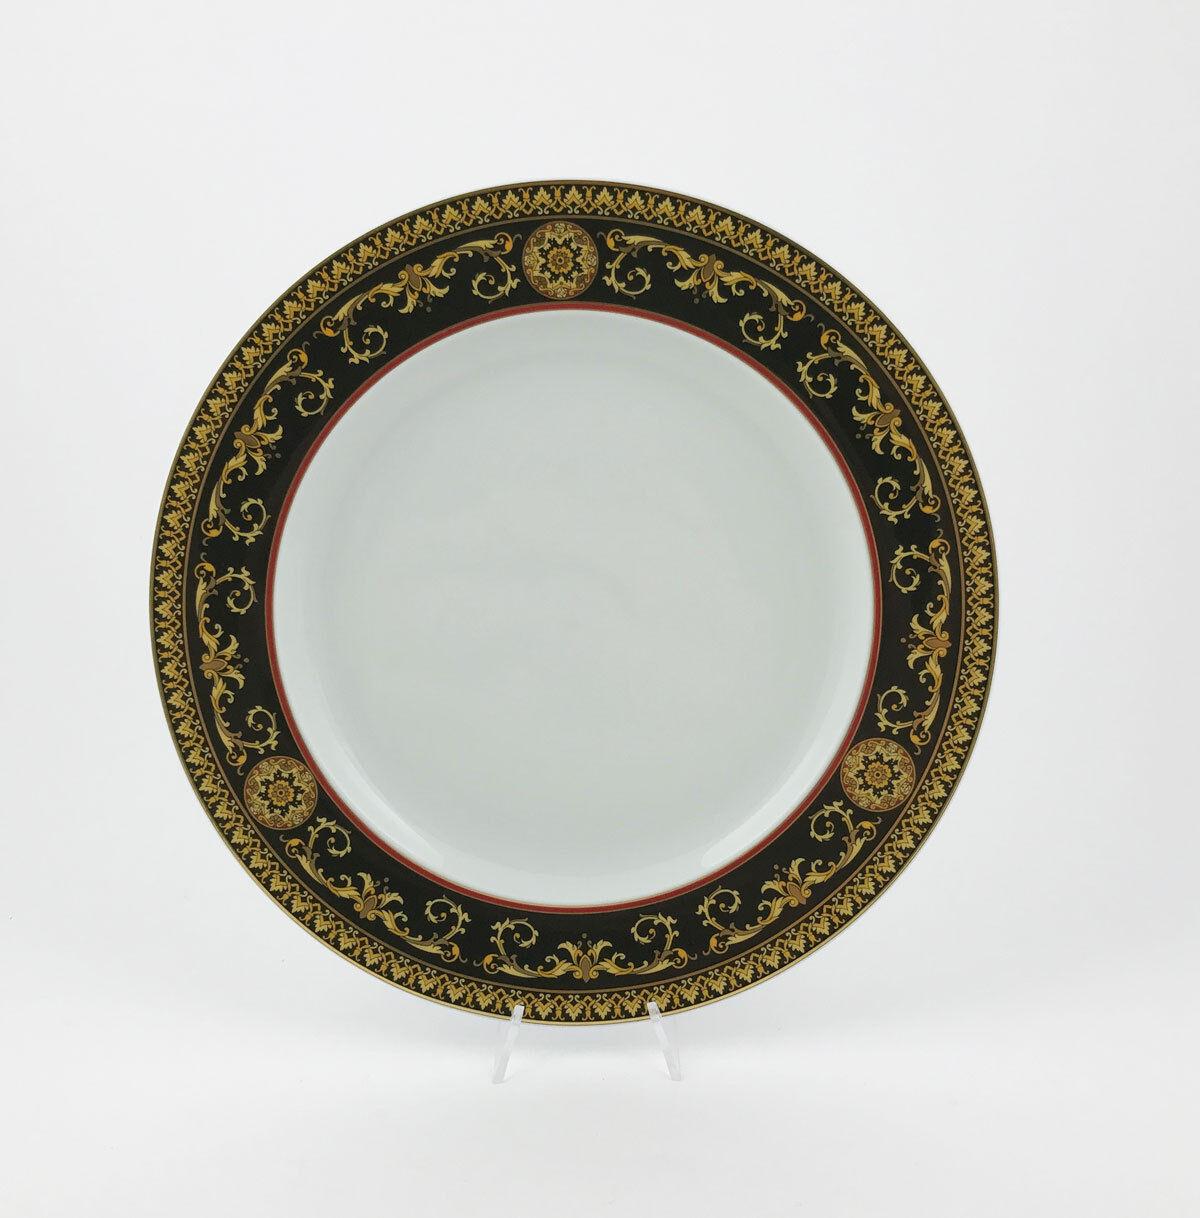 19300 409605 10227 rosanthal Versace Medusa piatto piano servizio di piatti